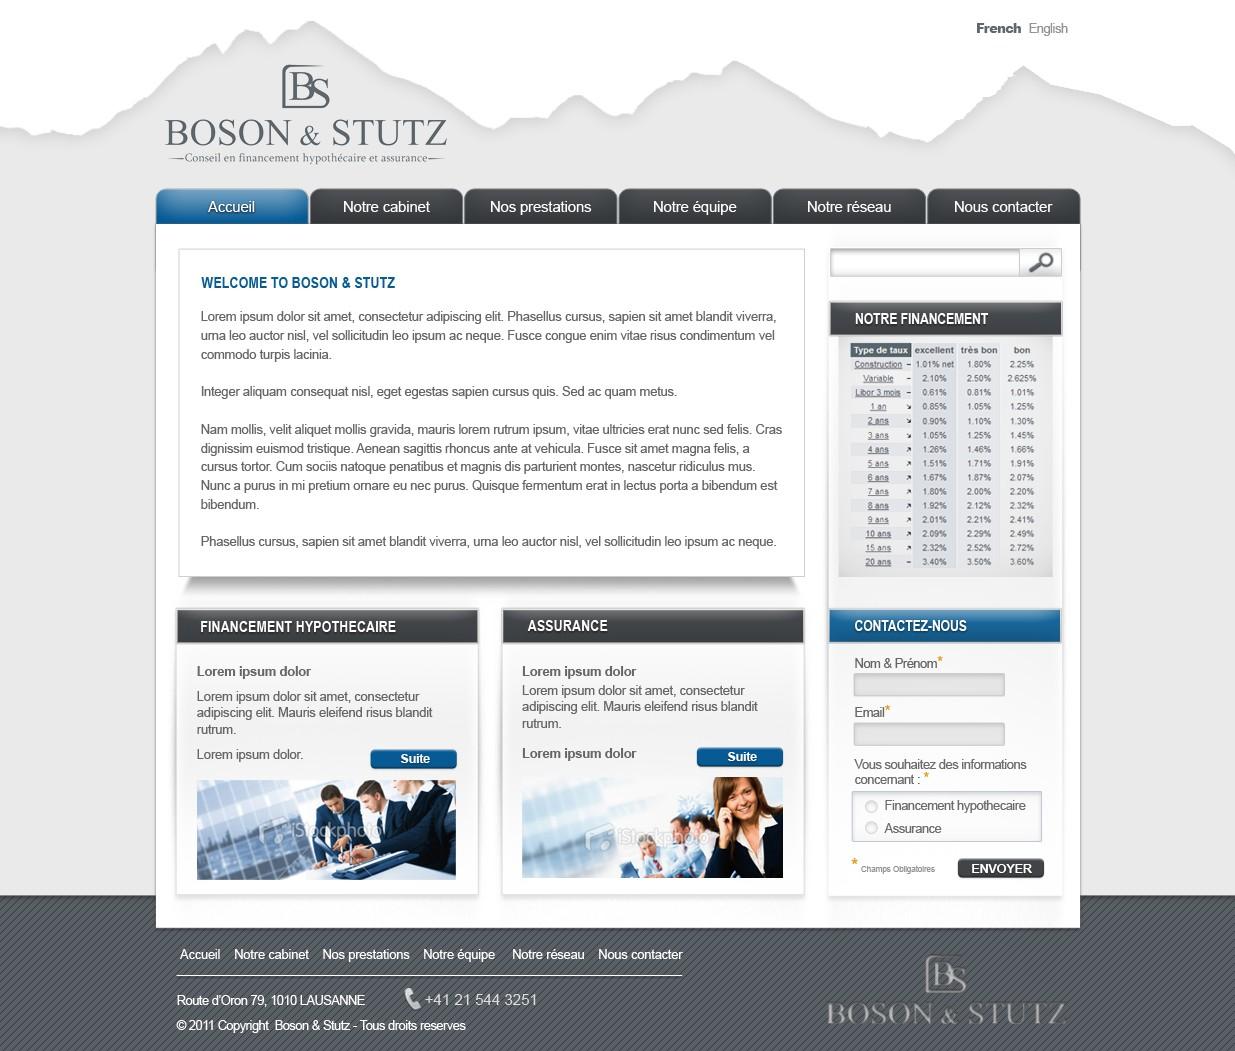 Boson & Stutz needs a new website design